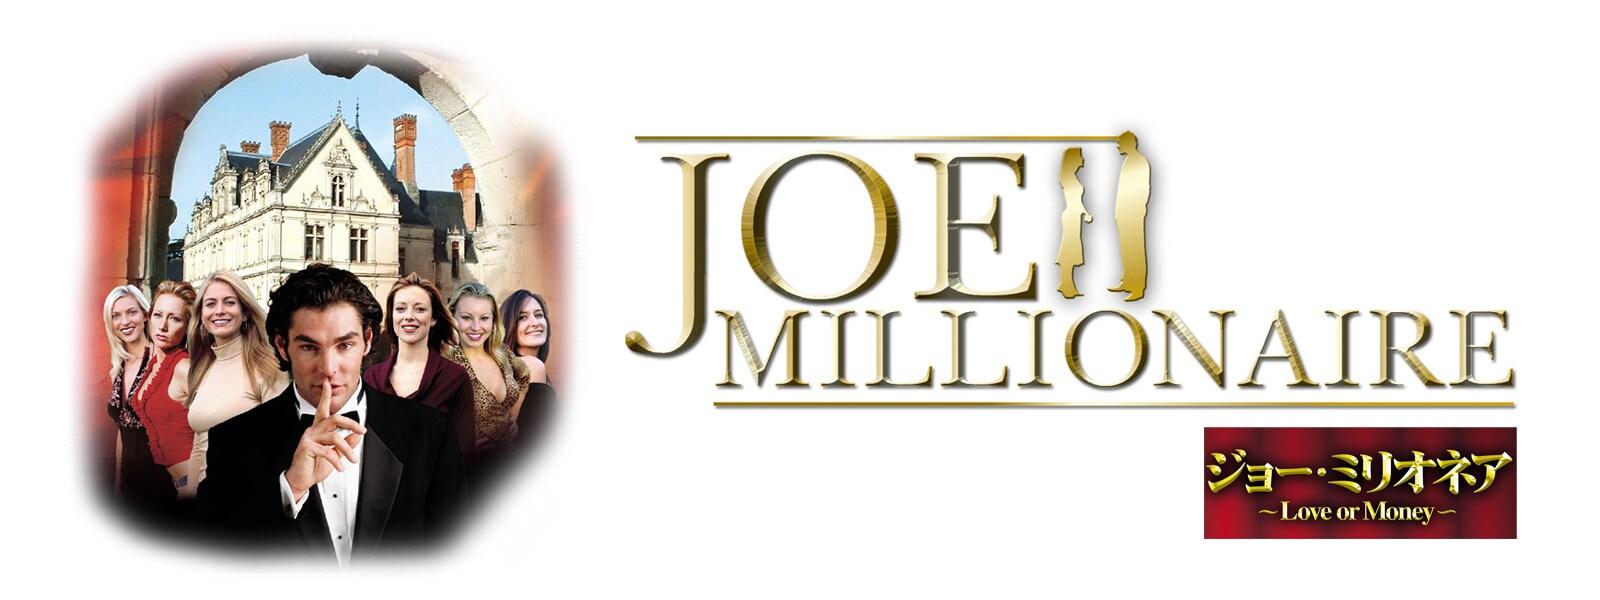 ジョー・ミリオネア 〜Love or Money〜|Joe Millionaire Hero Object